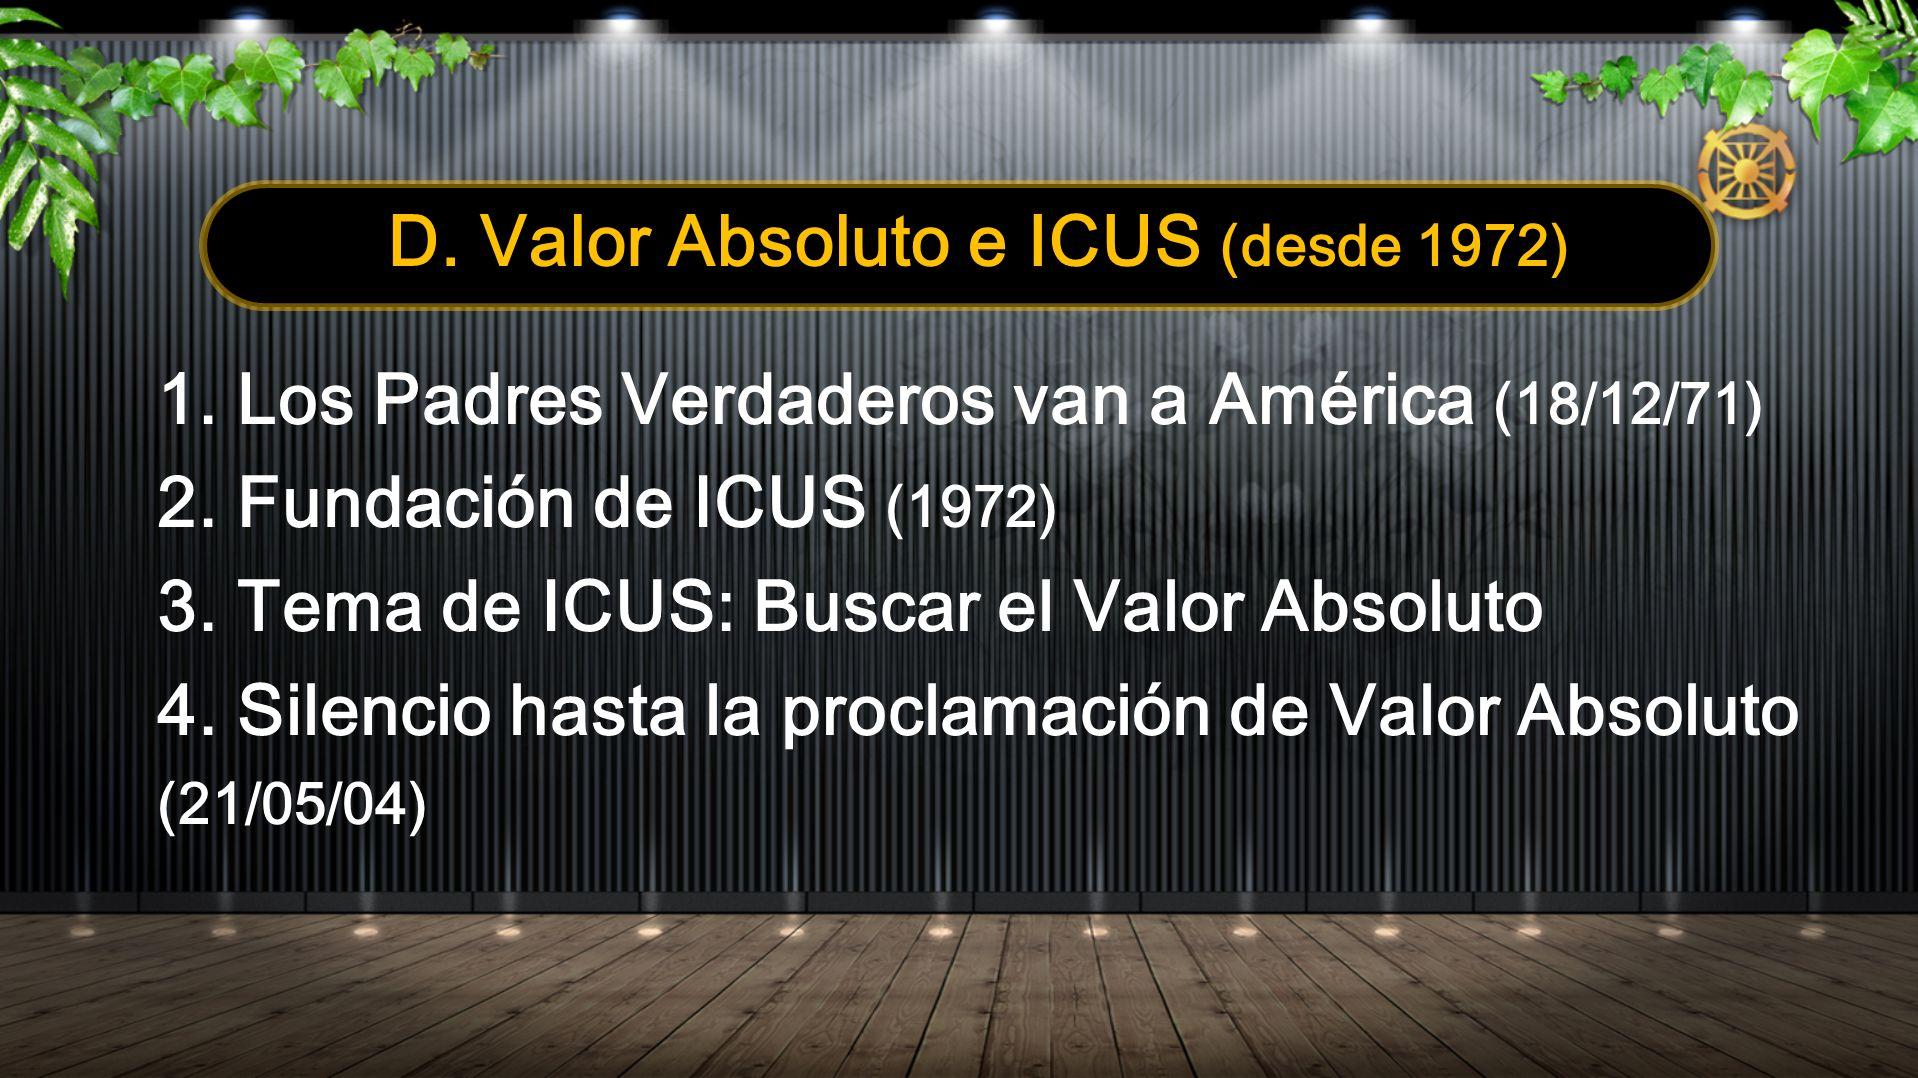 E.El Valor Absoluto es proclamado de acuerdo al progreso de la Providencia 1.